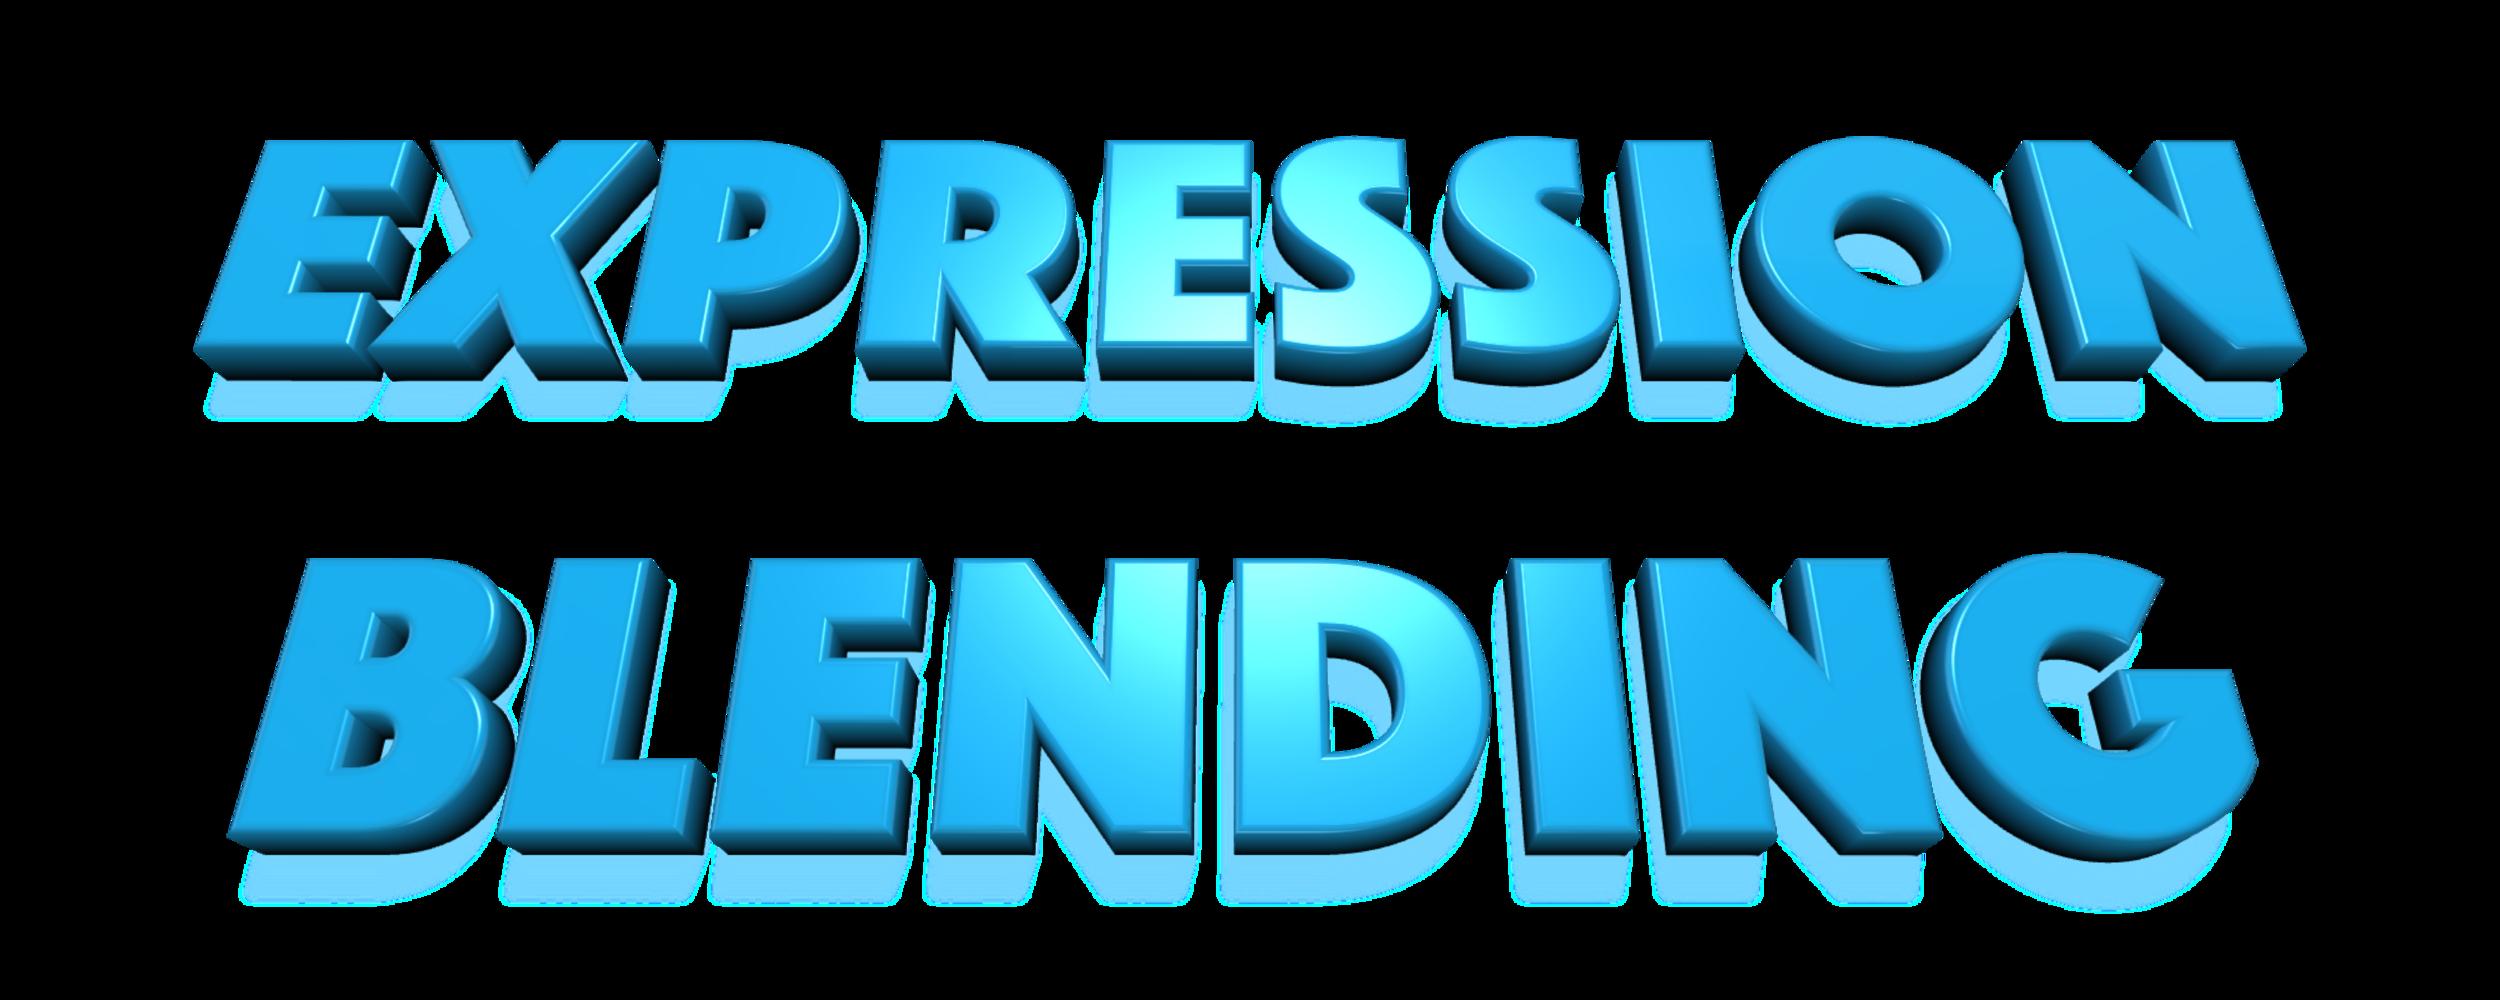 EXPRESSION BLENDING TRANSPARENT.png